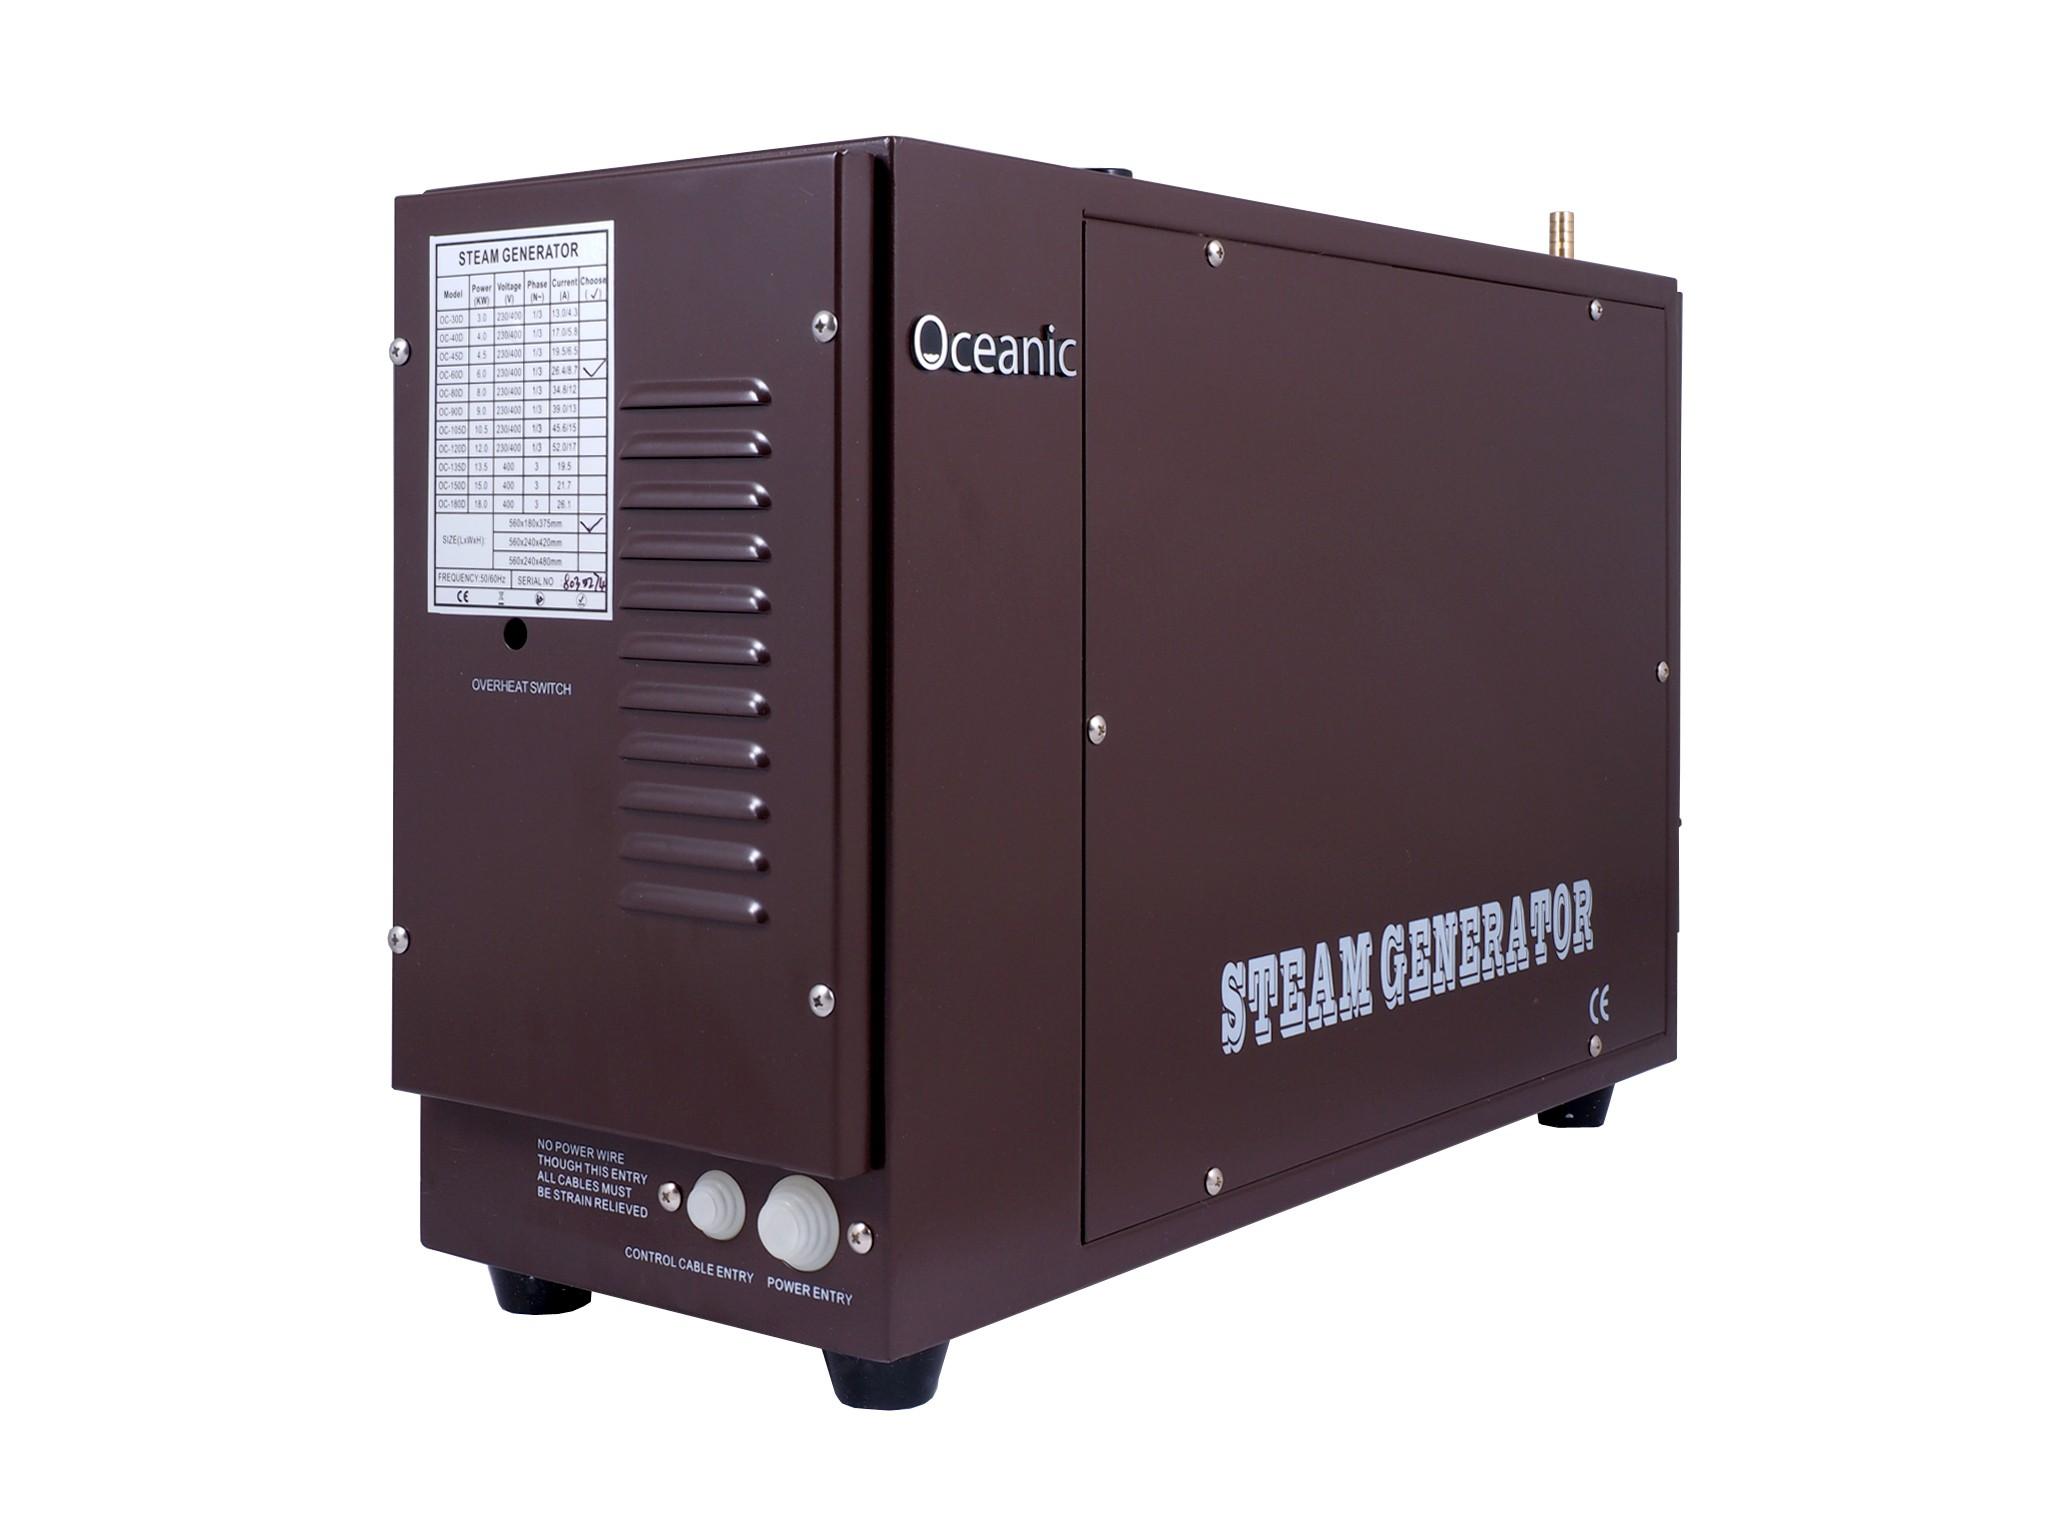 9kW Oceanic Heavy Duty Commercial Steam Generator